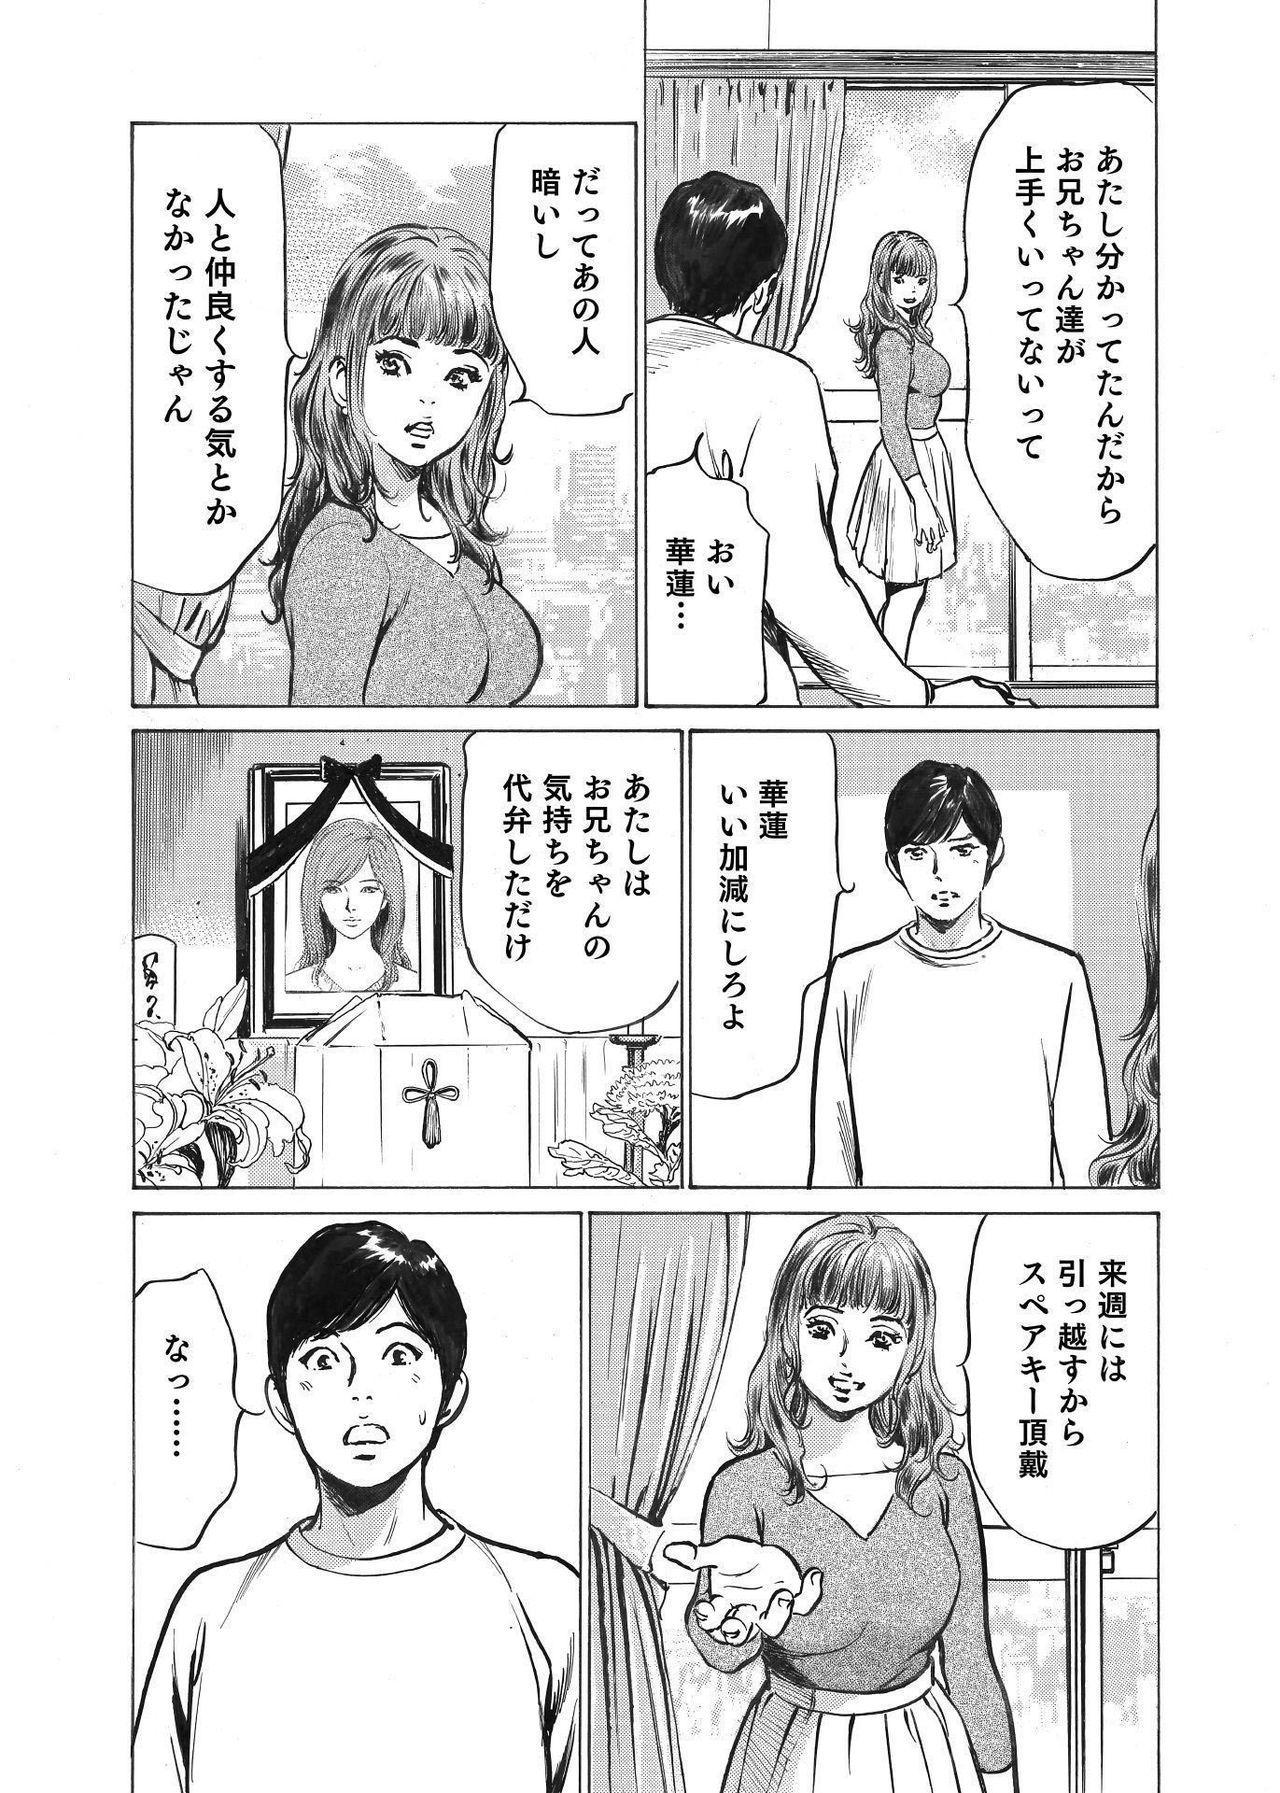 Ore wa Tsuma no Koto o Yoku Shiranai 1-9 13